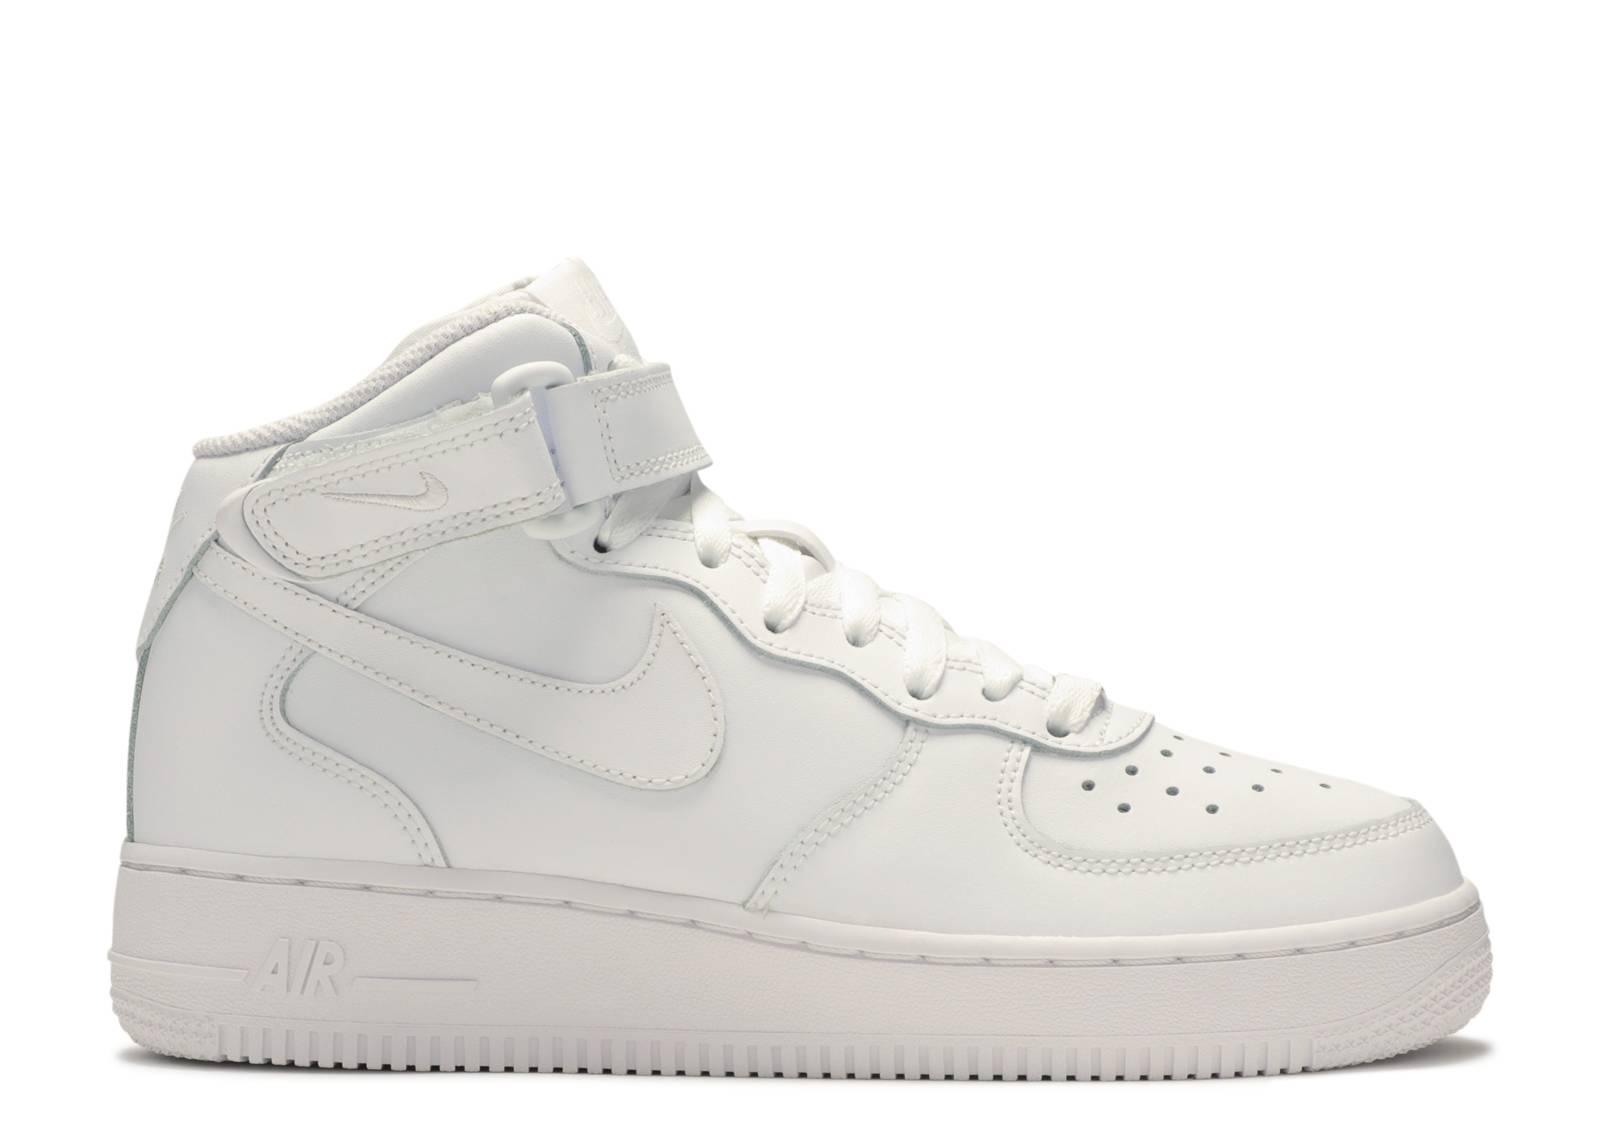 314195 113 Nike Air Force 1 Mid GS Triple White | KicksCrew